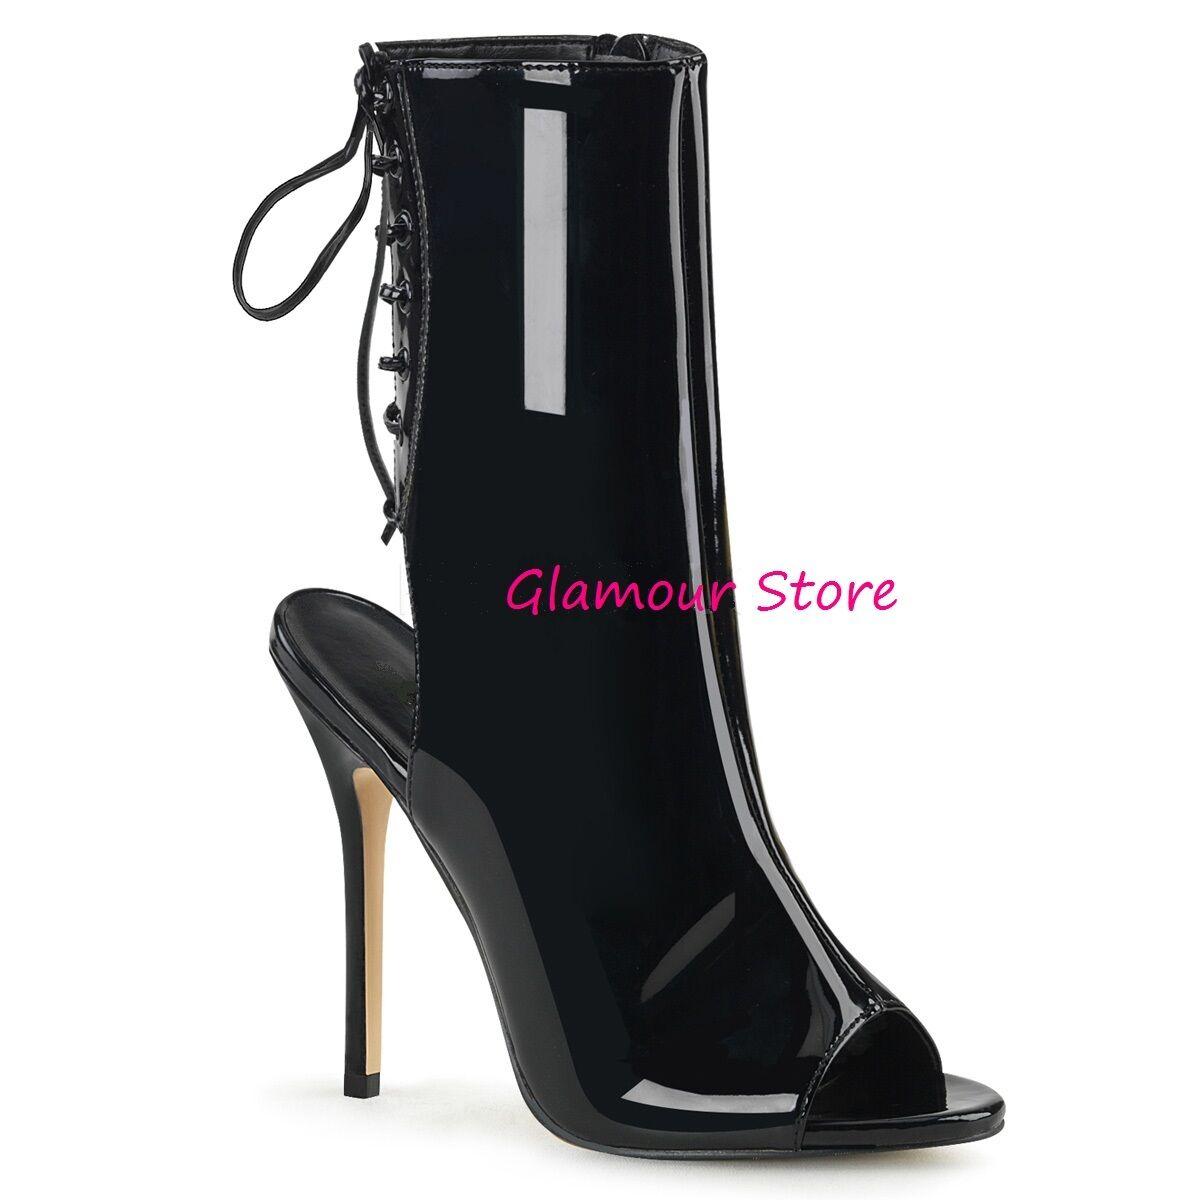 Sexy NERO STIVALETTI APERTI tacco 13 dal 35 al 44 NERO Sexy LUCIDO sandali scarpe GLAMOUR 2bb0ed